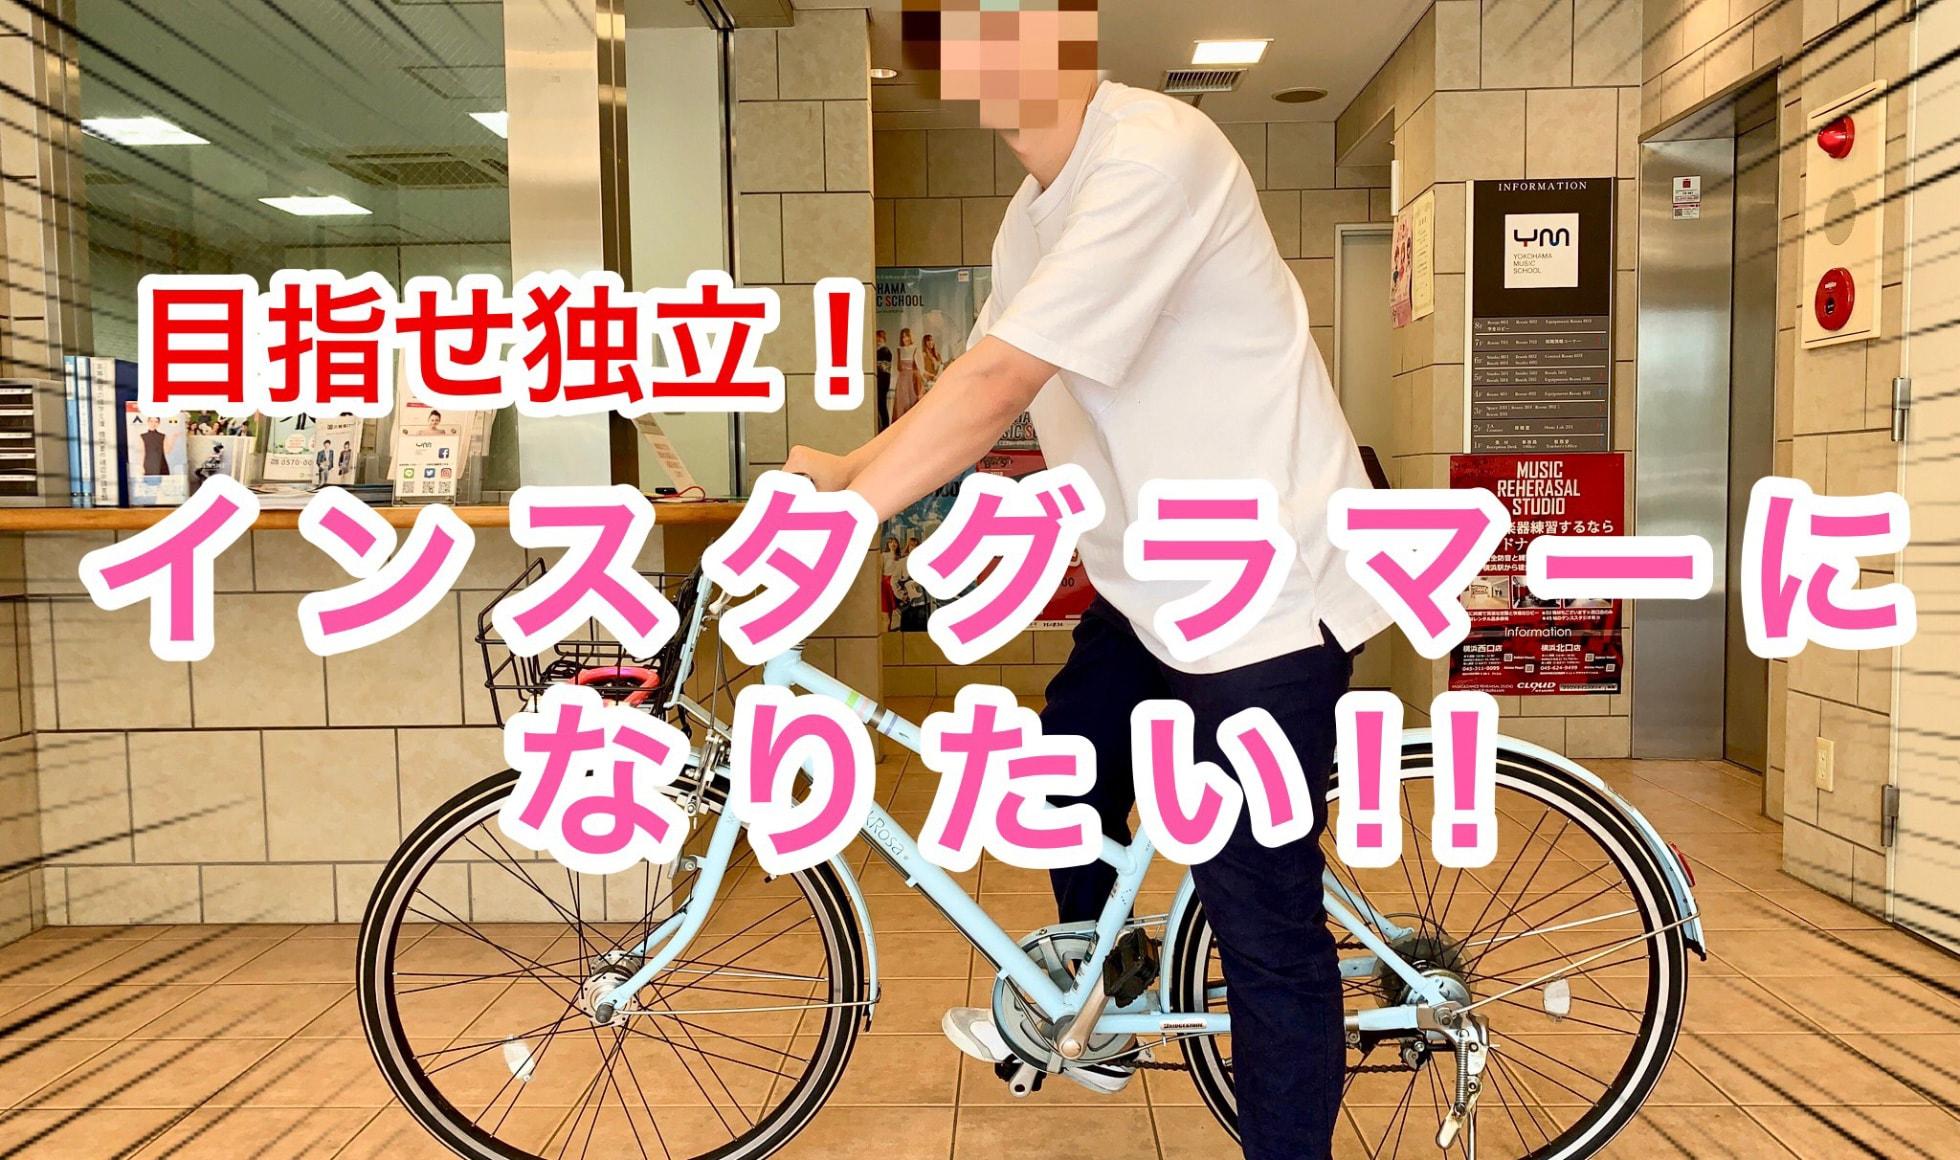 【目指せ独立!】インスタグラマーになりたい!!